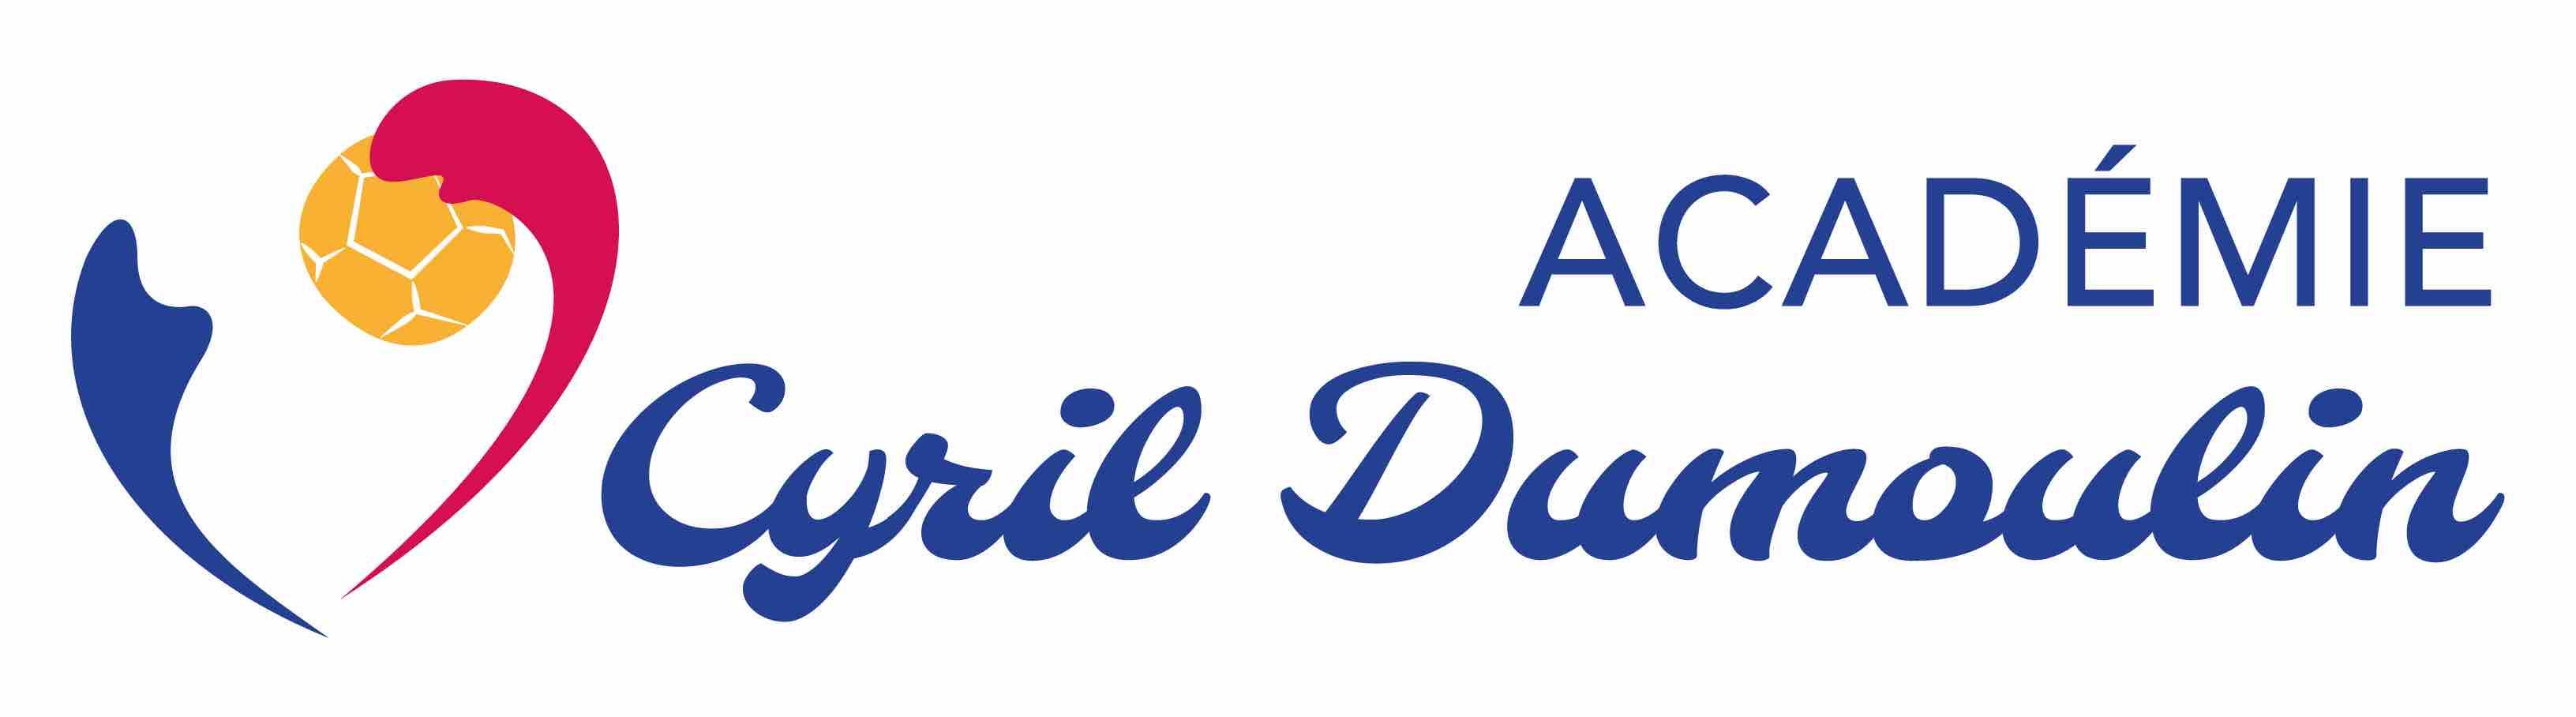 academie-cyril-dumoulin